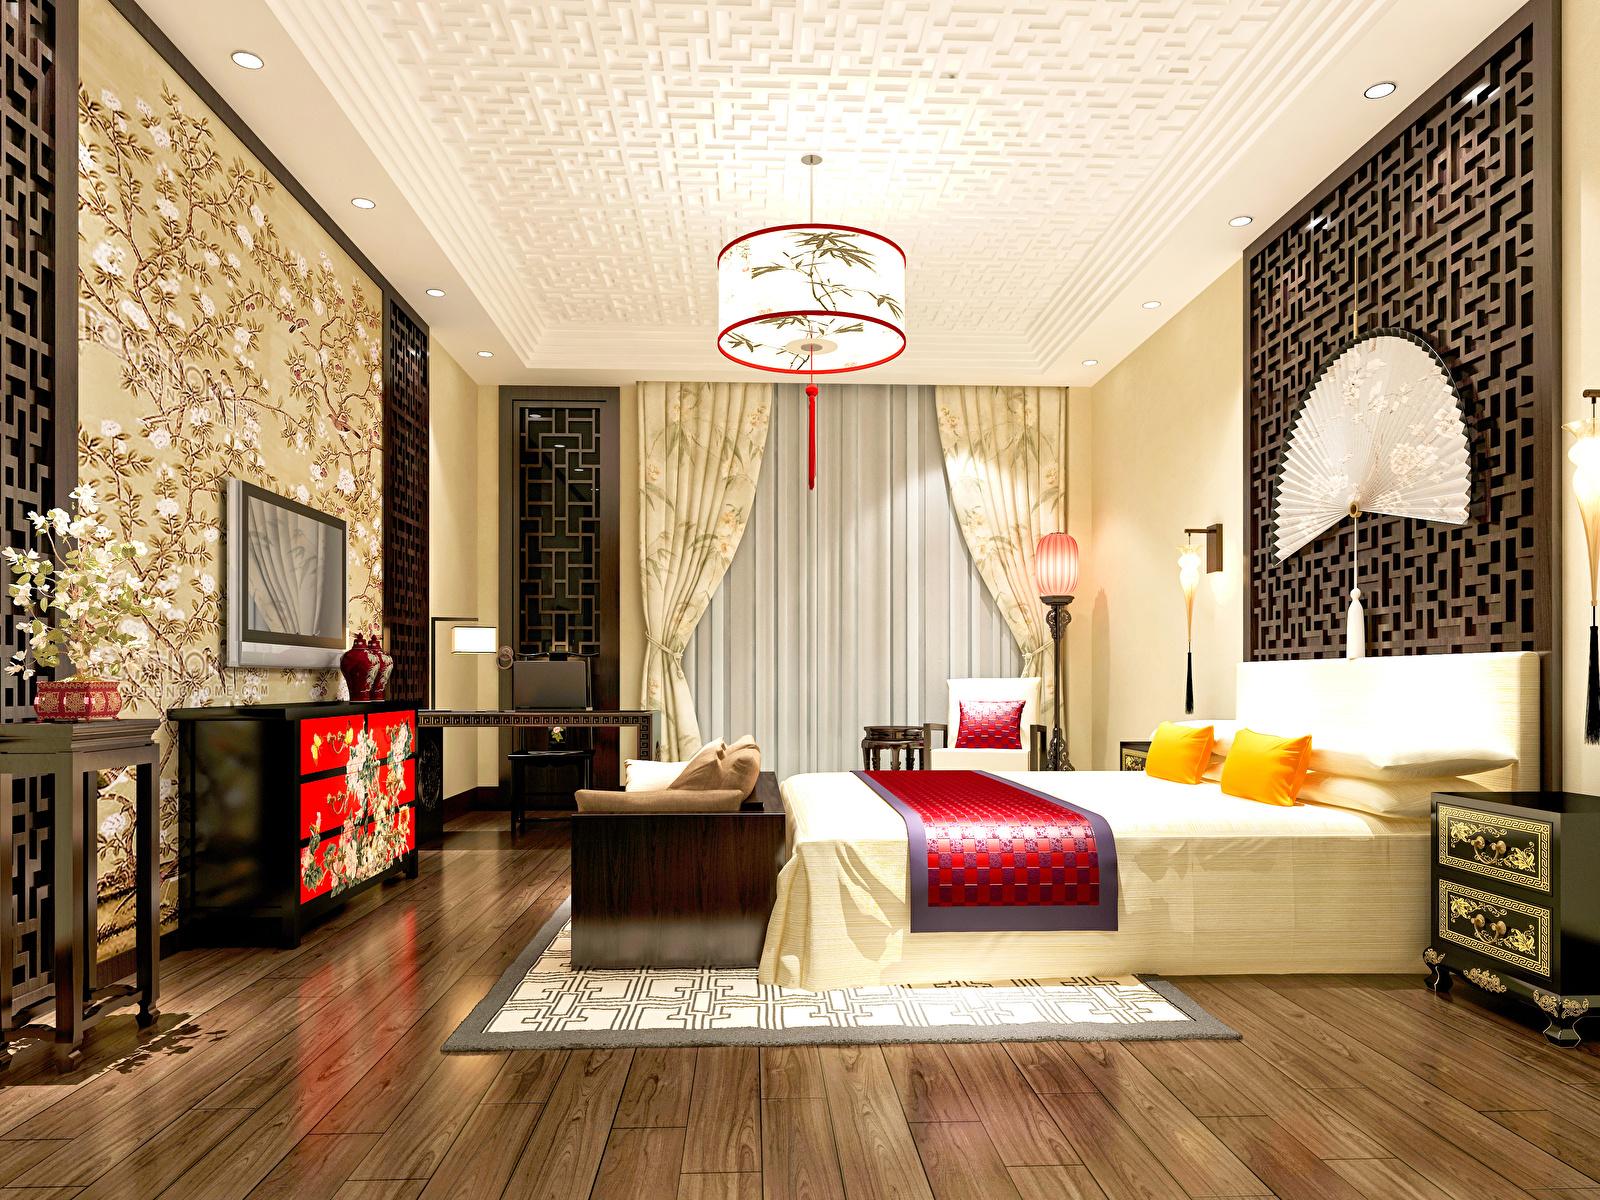 Bilder von Schlafzimmer 3D-Grafik Innenarchitektur Bett Kronleuchter Design 1600x1200 Schlafkammer Lüster